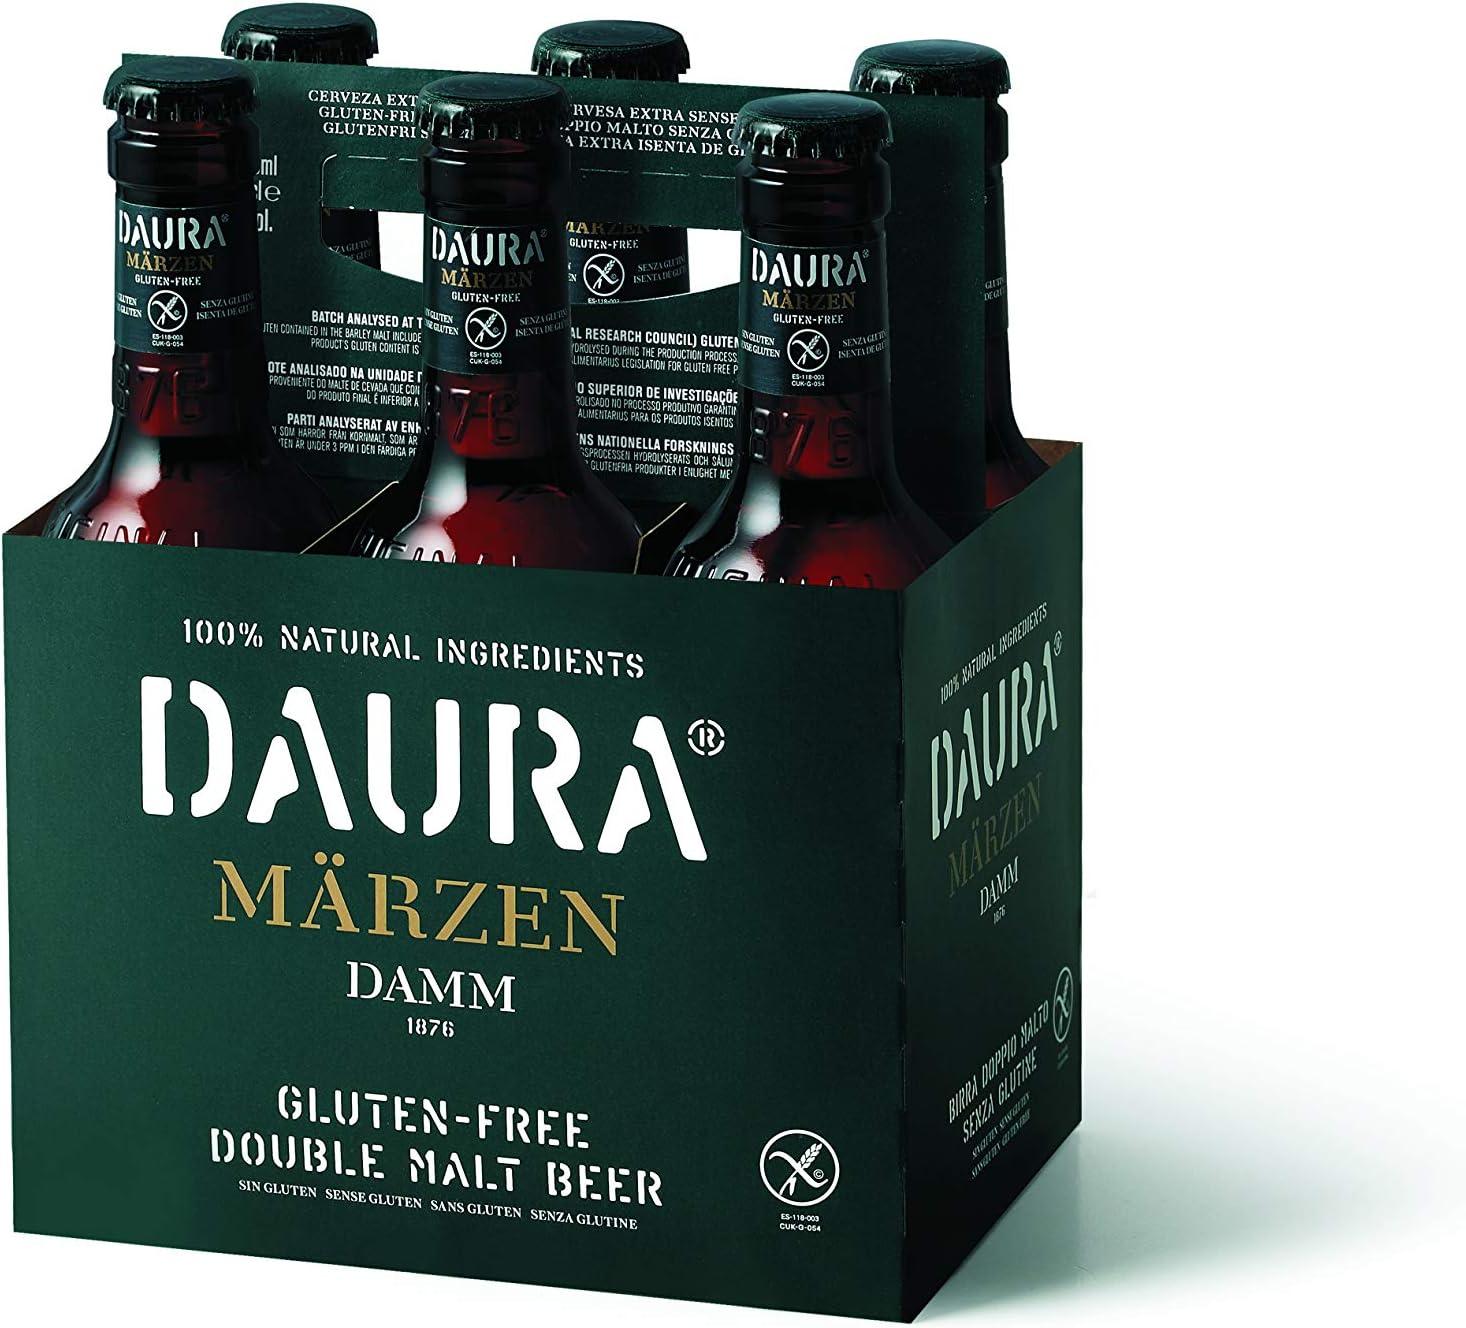 Daura Damm Märzen (6 botellas de 33 cl)